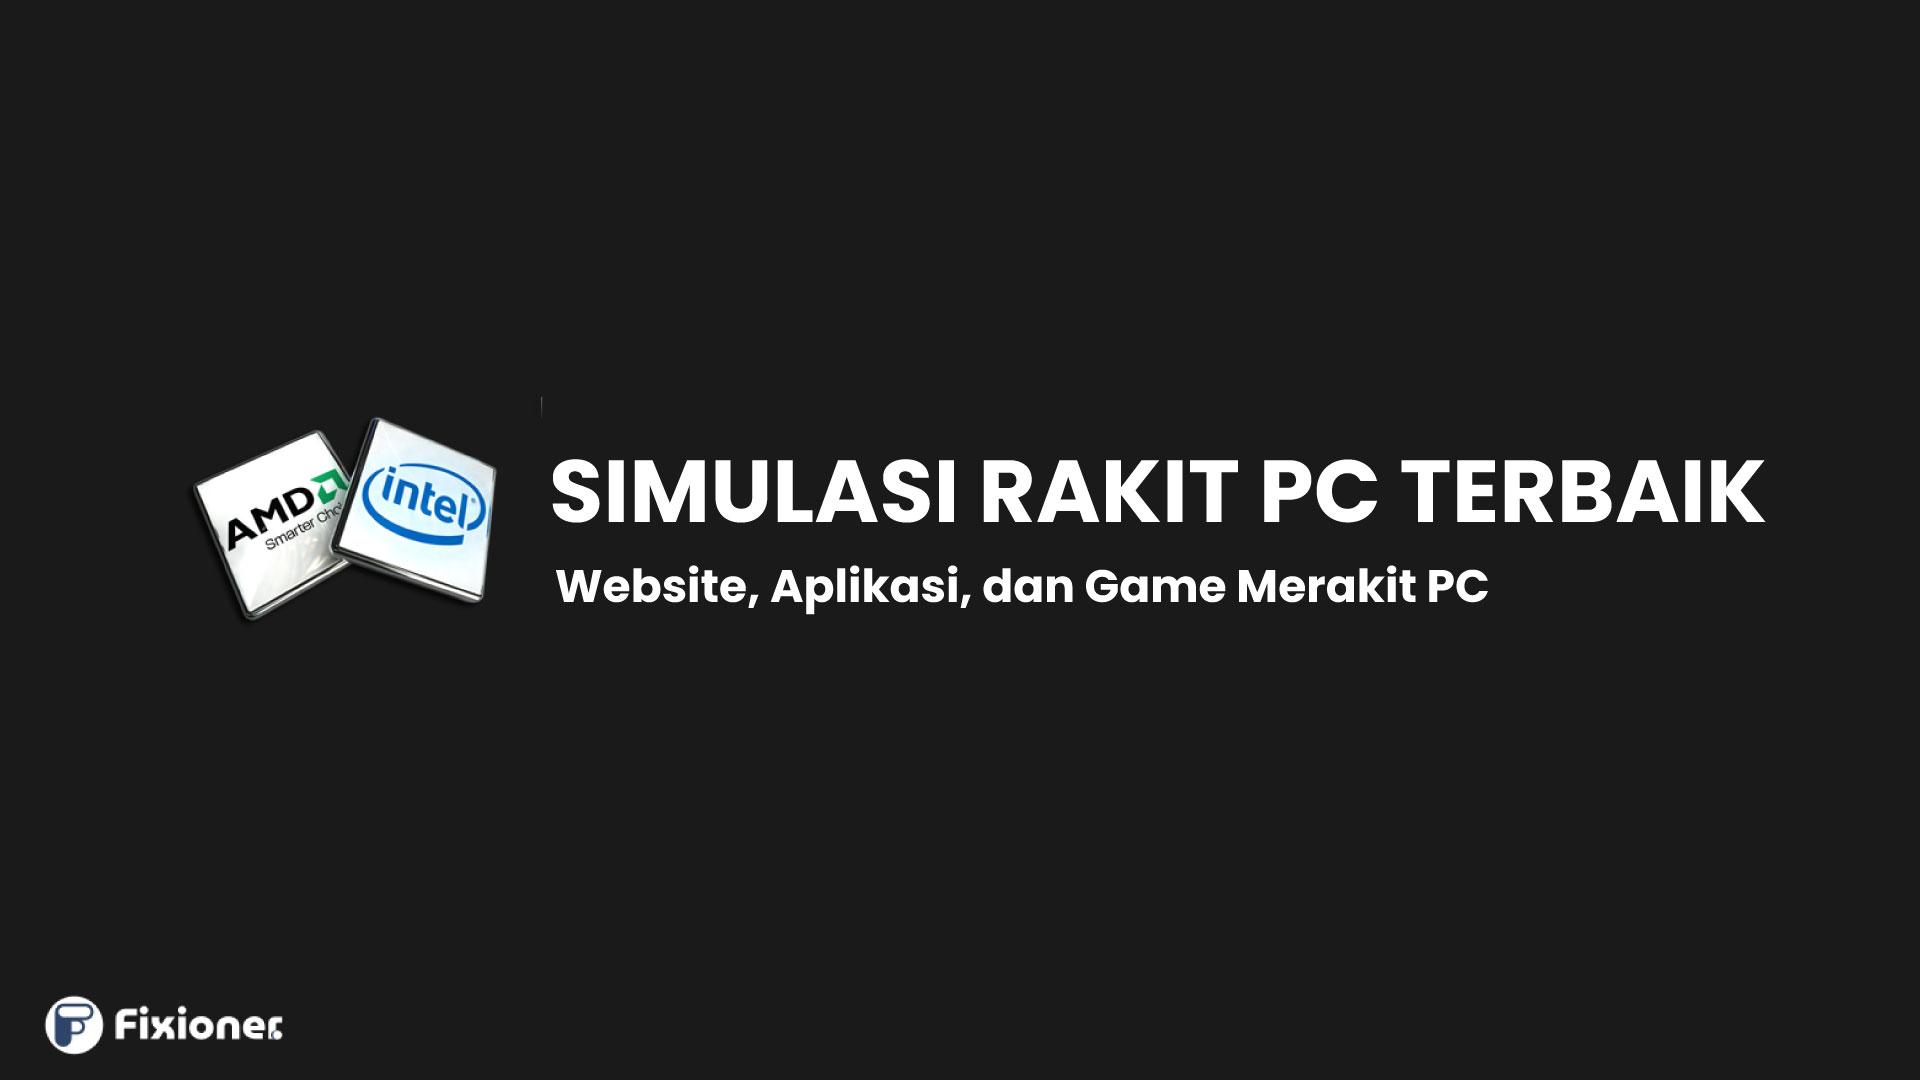 Simulasi Rakit PC Terbaik